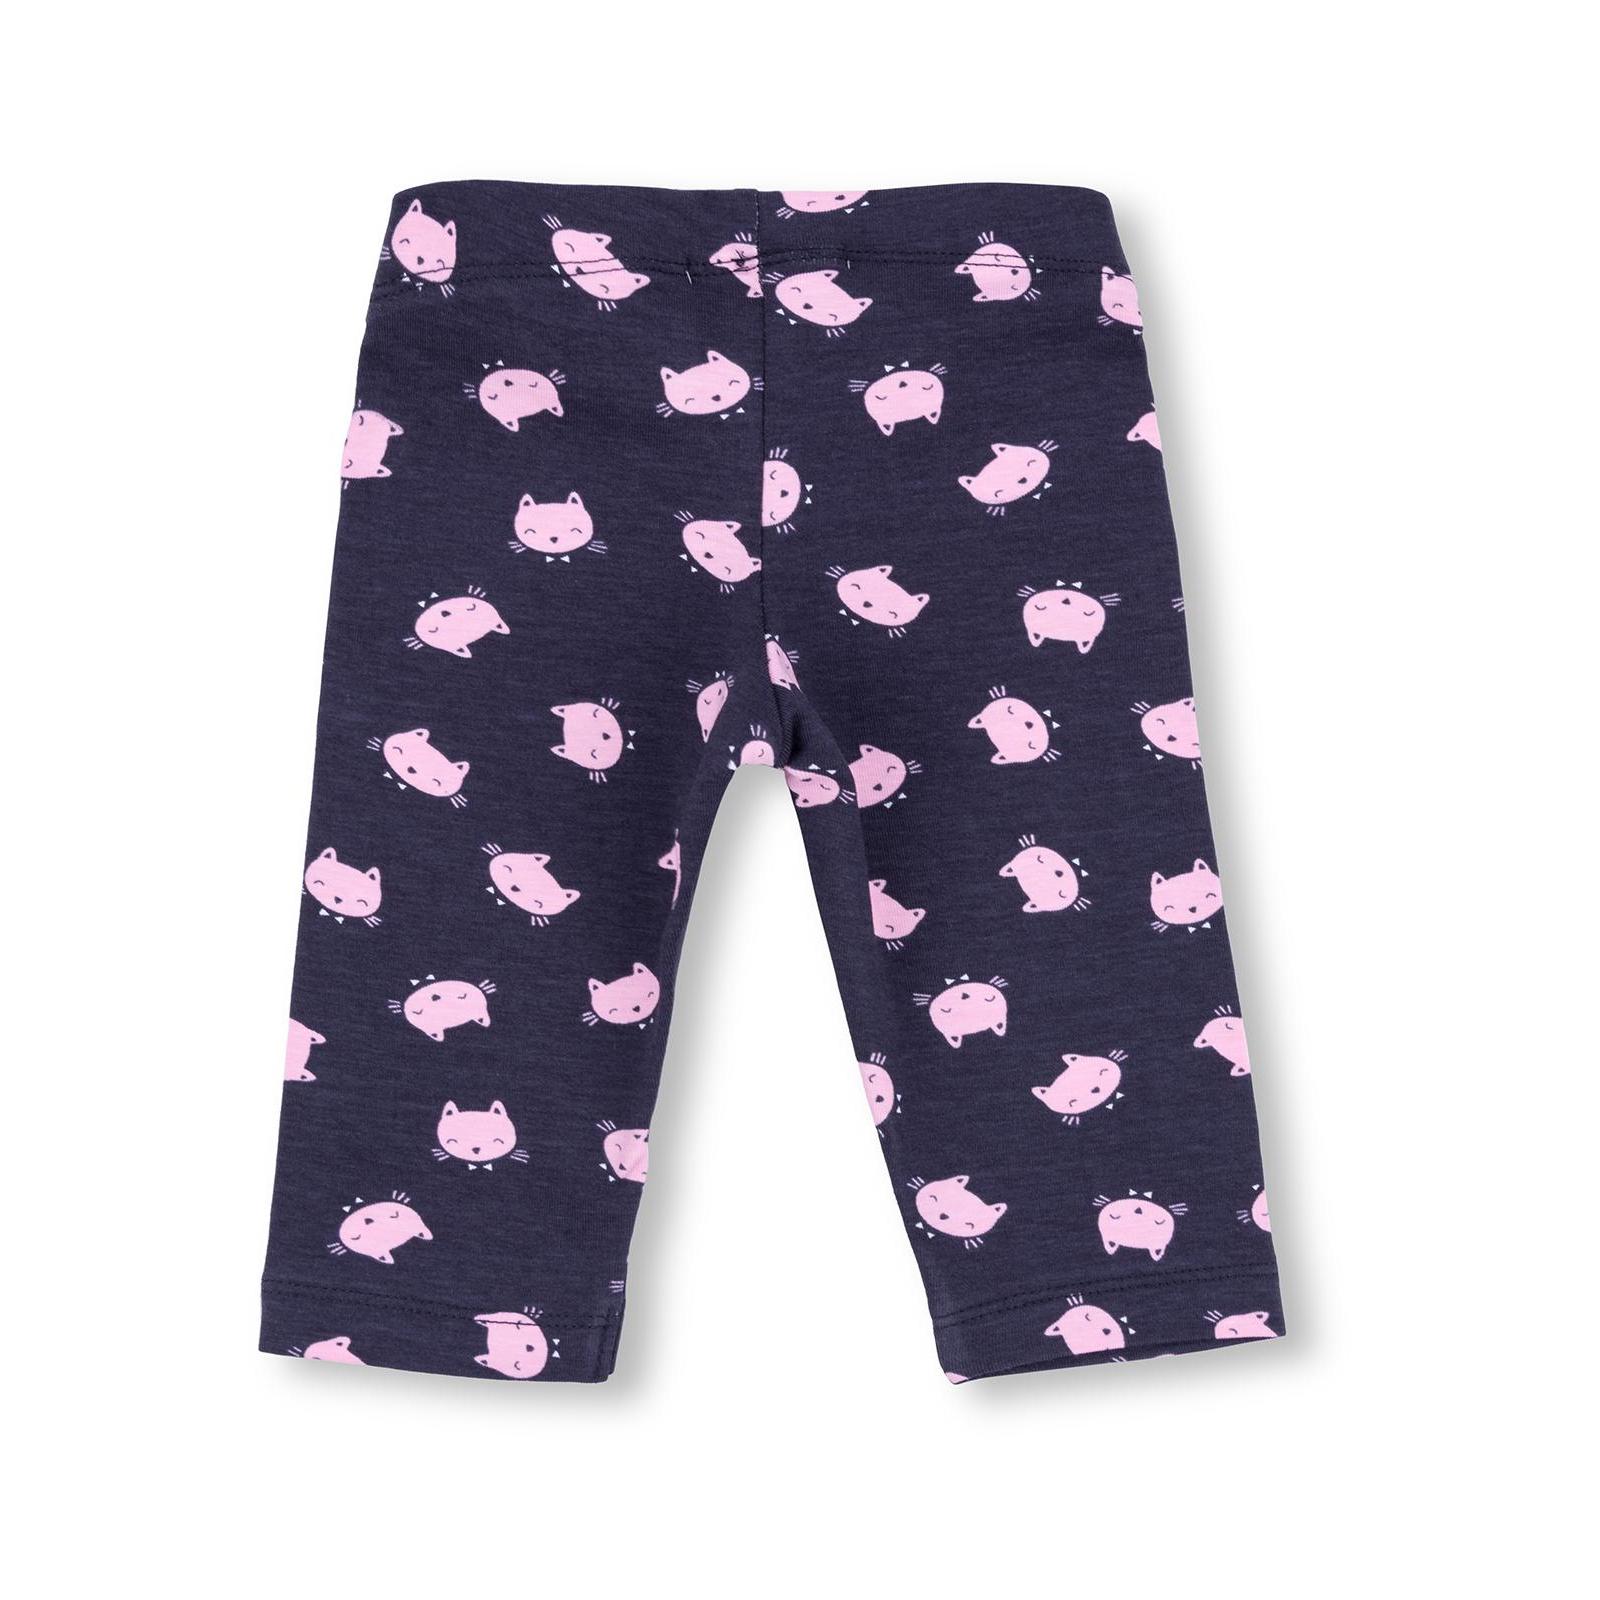 Набор детской одежды Breeze с котиками (7493-80G-pink) изображение 6